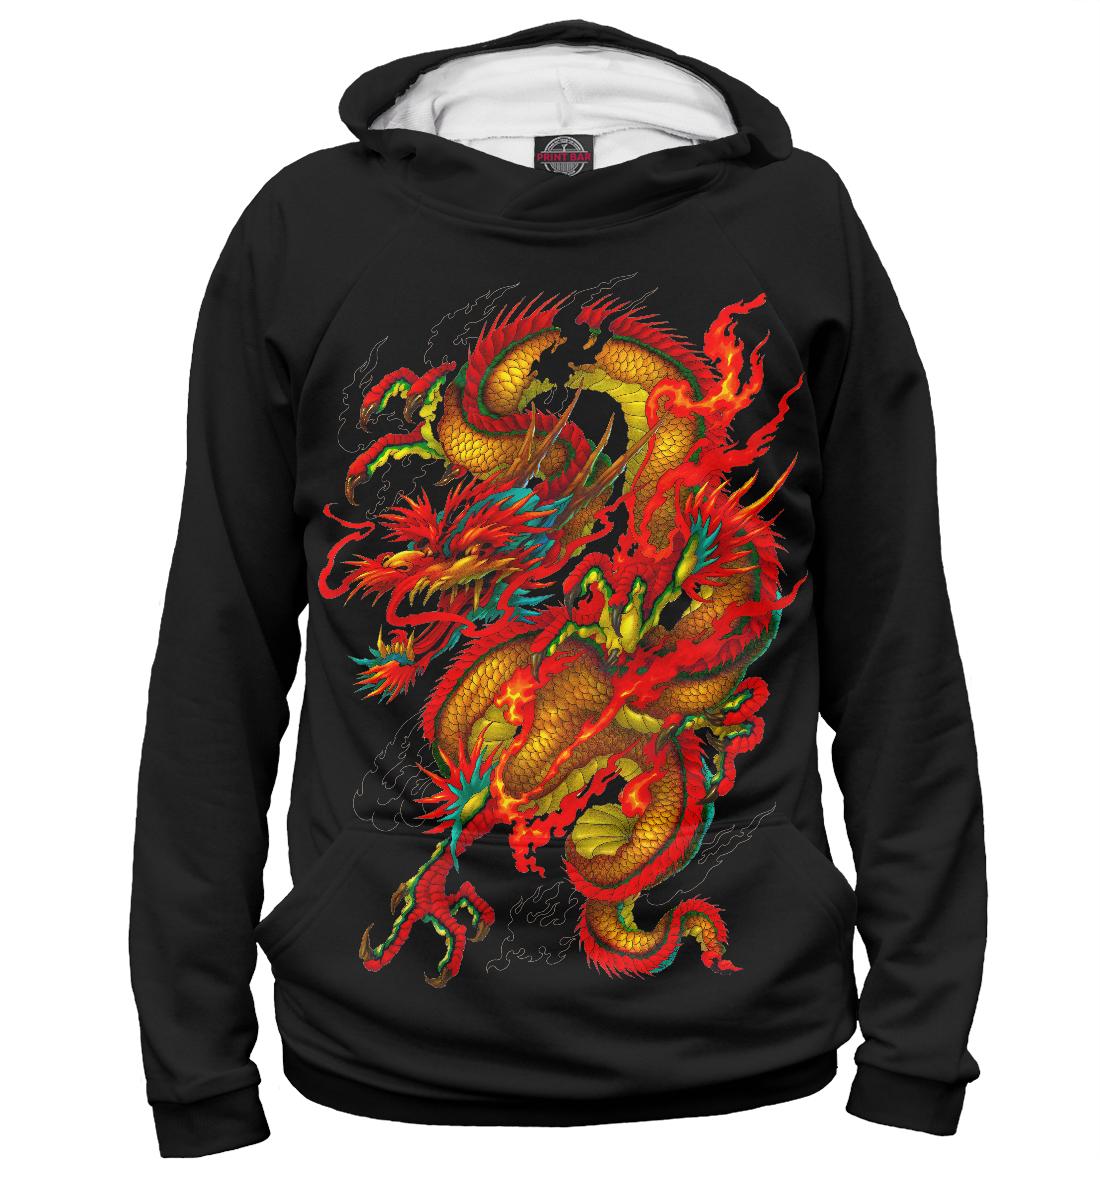 Купить Китайский дракон, Printbar, Худи, DRA-434159-hud-2